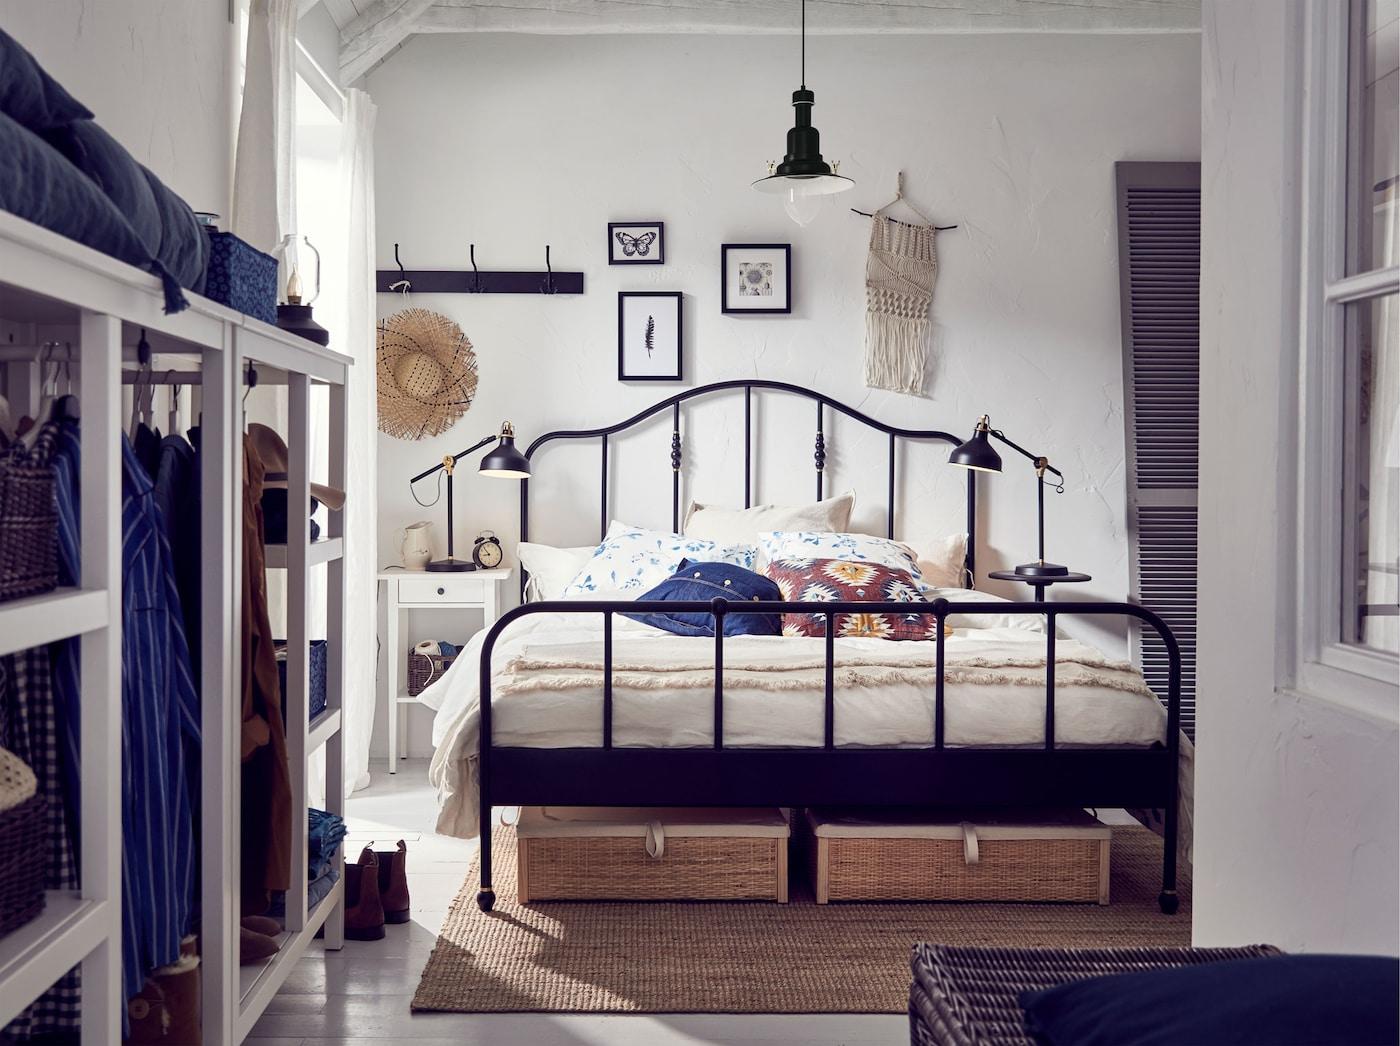 A gama SAGSTUA é uma estrutura de cama clássica com um toque em bronze. A cabeceira de cama curvada e os pormenores em cor de bronze suavizam o aspeto do aço resistente.